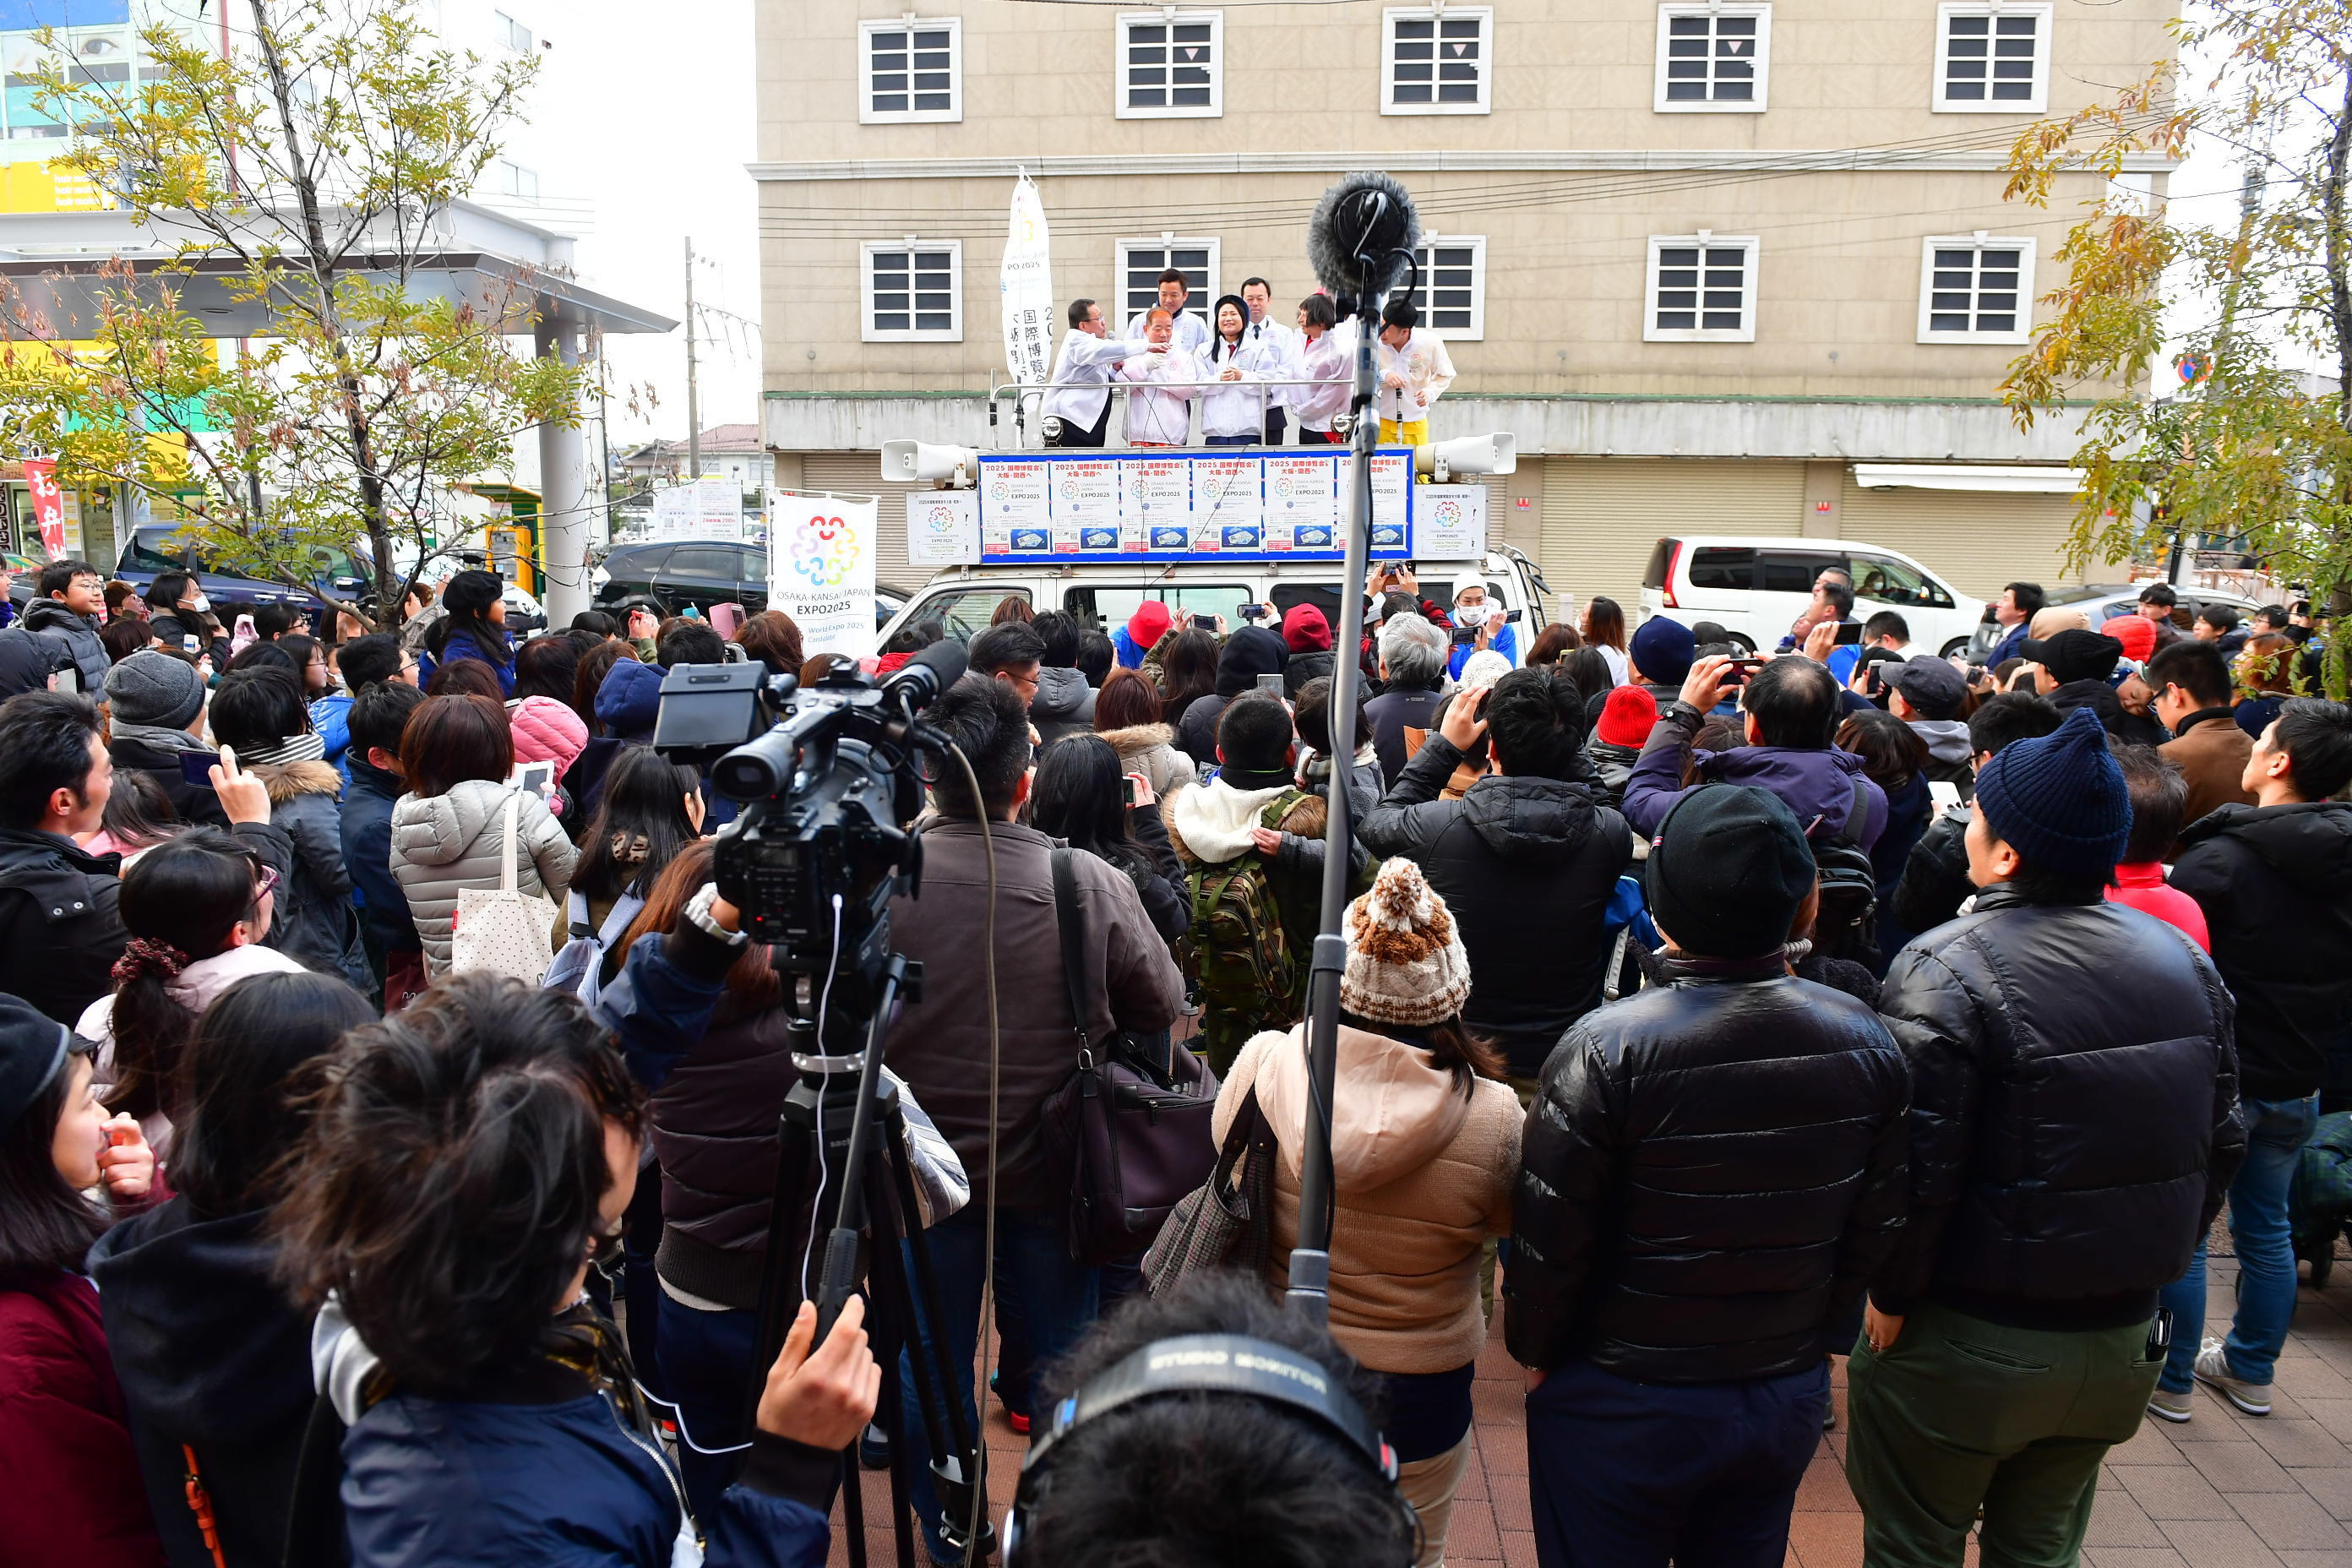 http://news.yoshimoto.co.jp/20180211185135-ba31fc8b4759a72a048d11f5c33a2417f1eea946.jpg